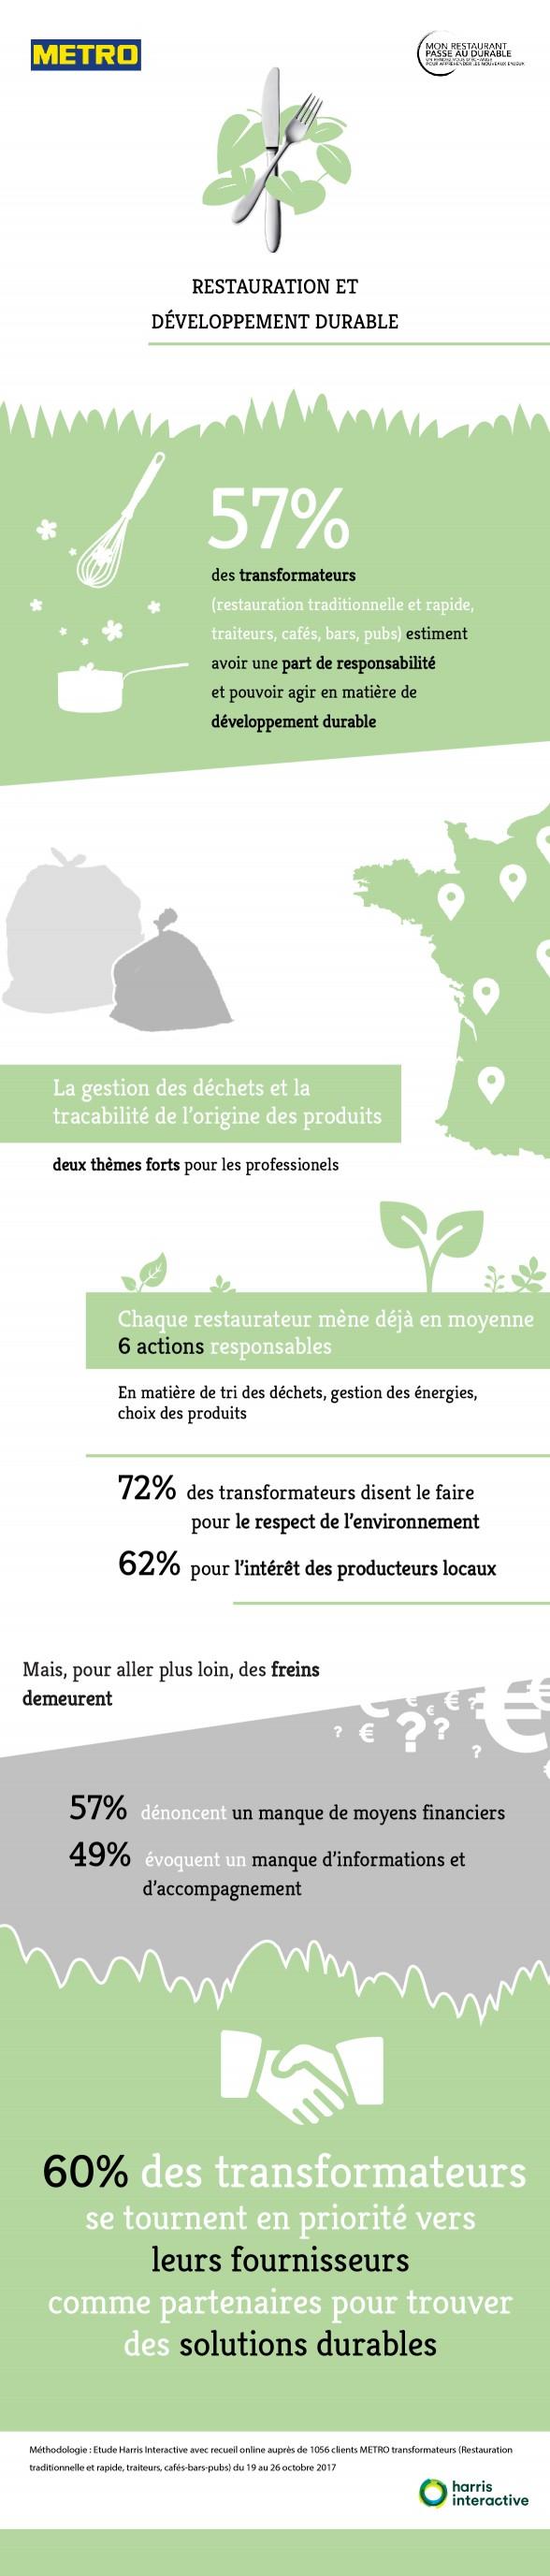 Infographie Restauration et développement durable